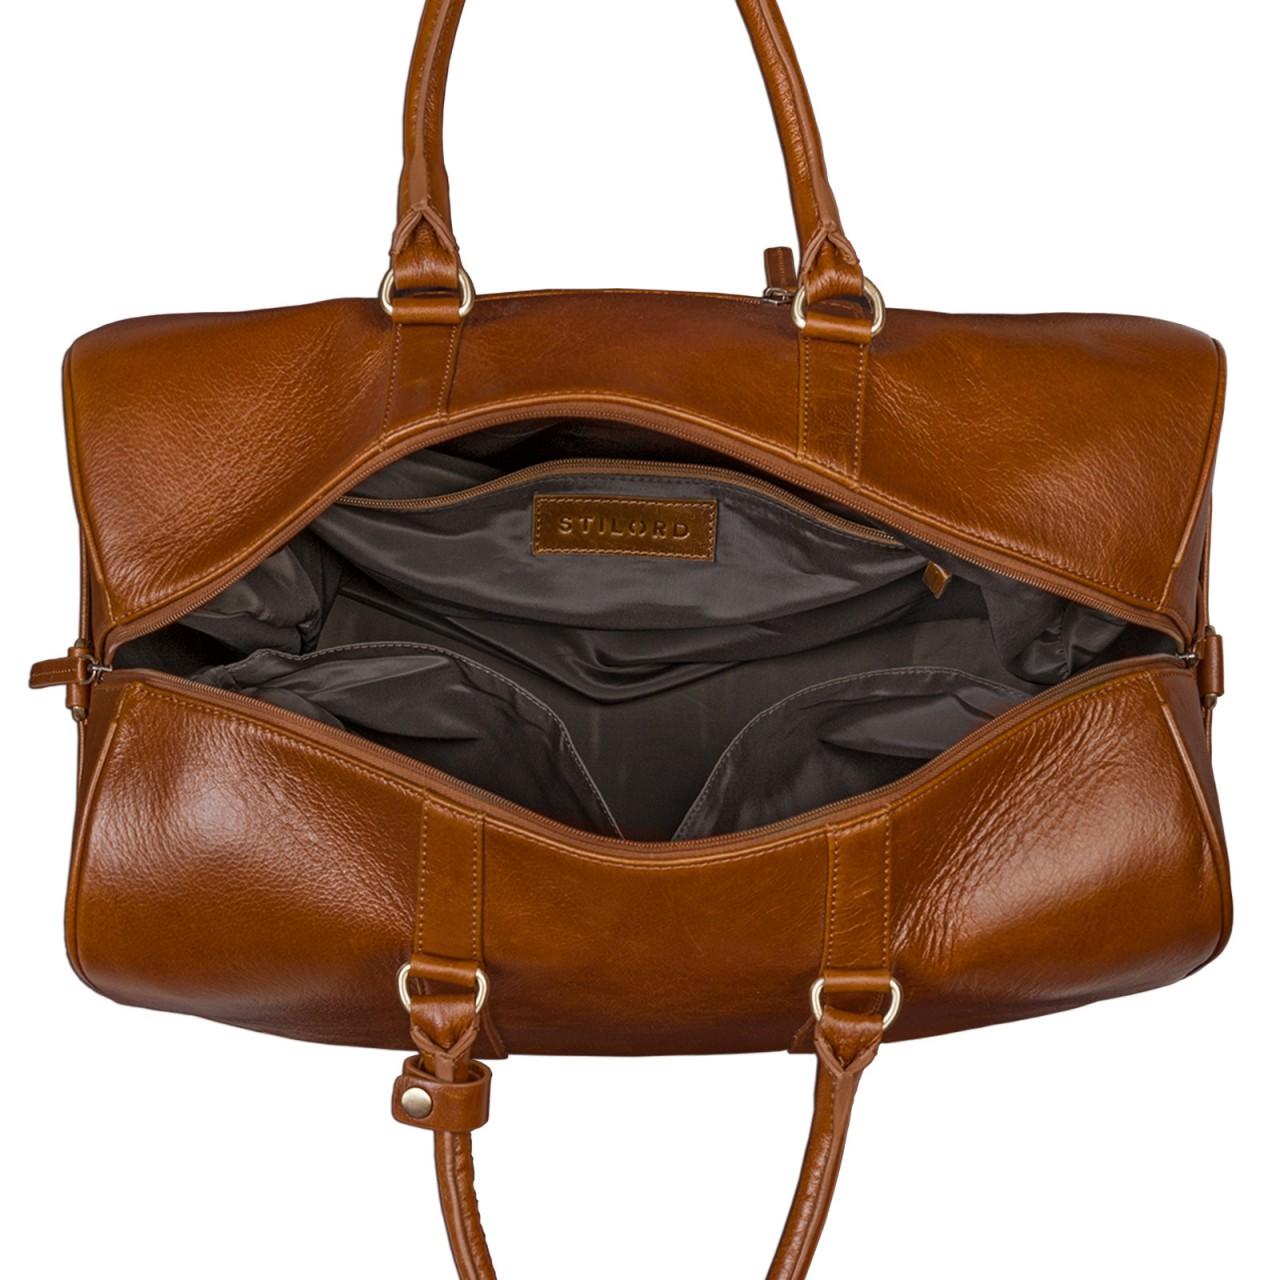 STILORD Große Vintage Reisetasche Business Urlaub Handgepäck für Herren und Damen, Weekender aus Leder cognac braun - Bild 7